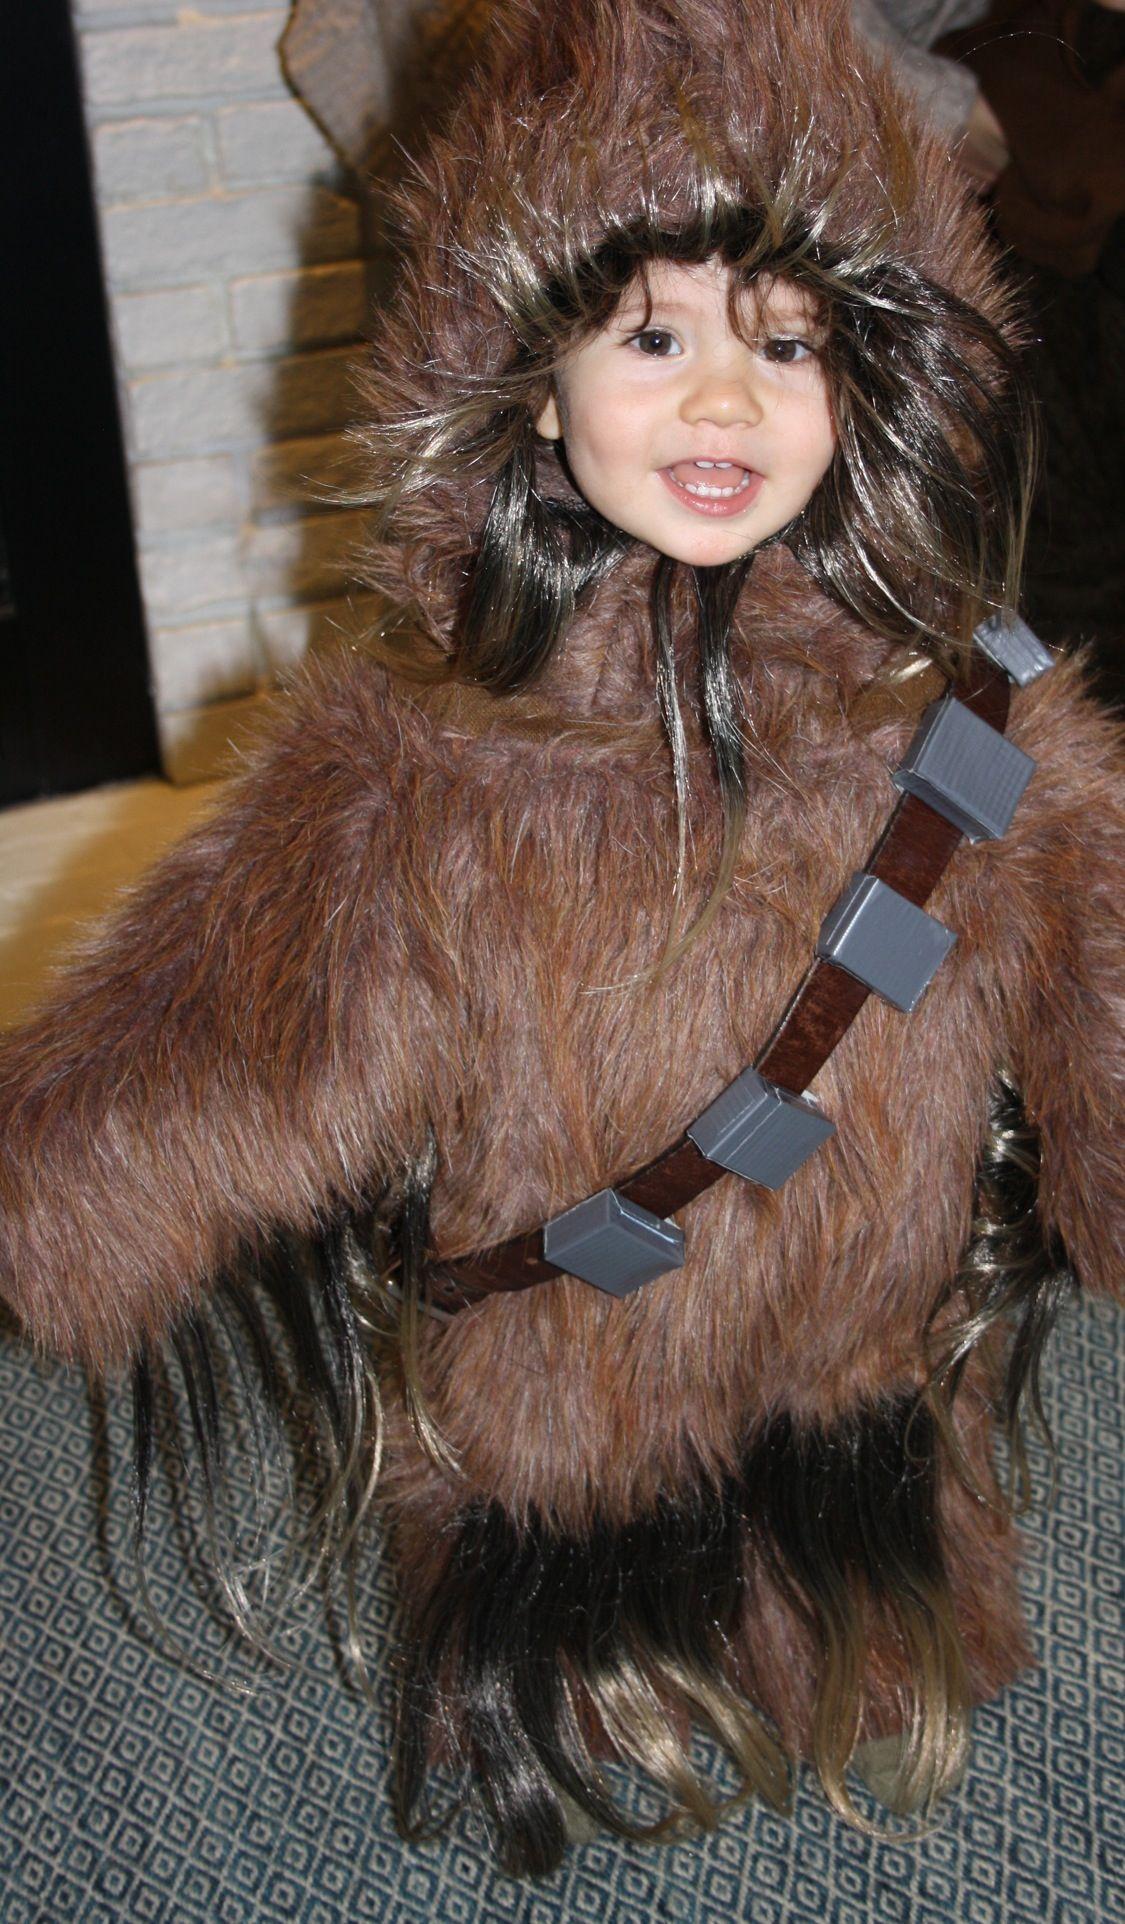 Handmade toddler chewbacca costume. | To handmake | Pinterest ...